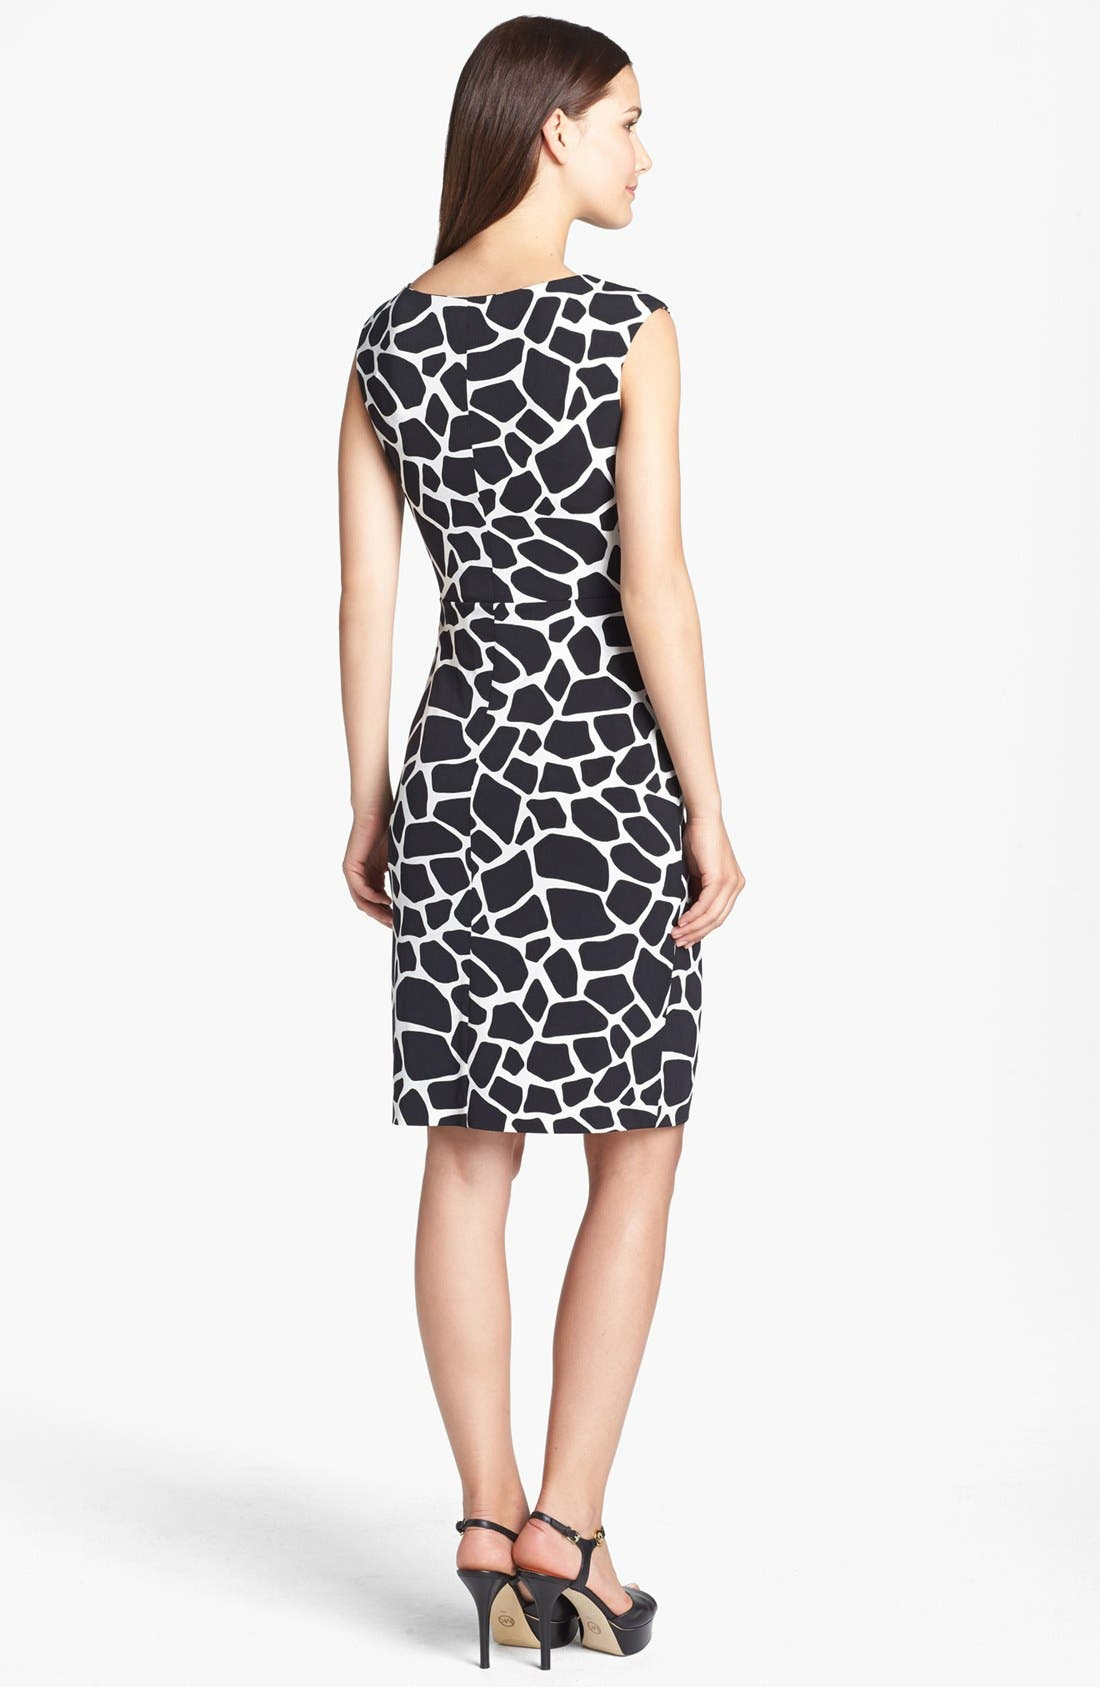 Modern Giraffe Print Dress,                             Alternate thumbnail 4, color,                             001